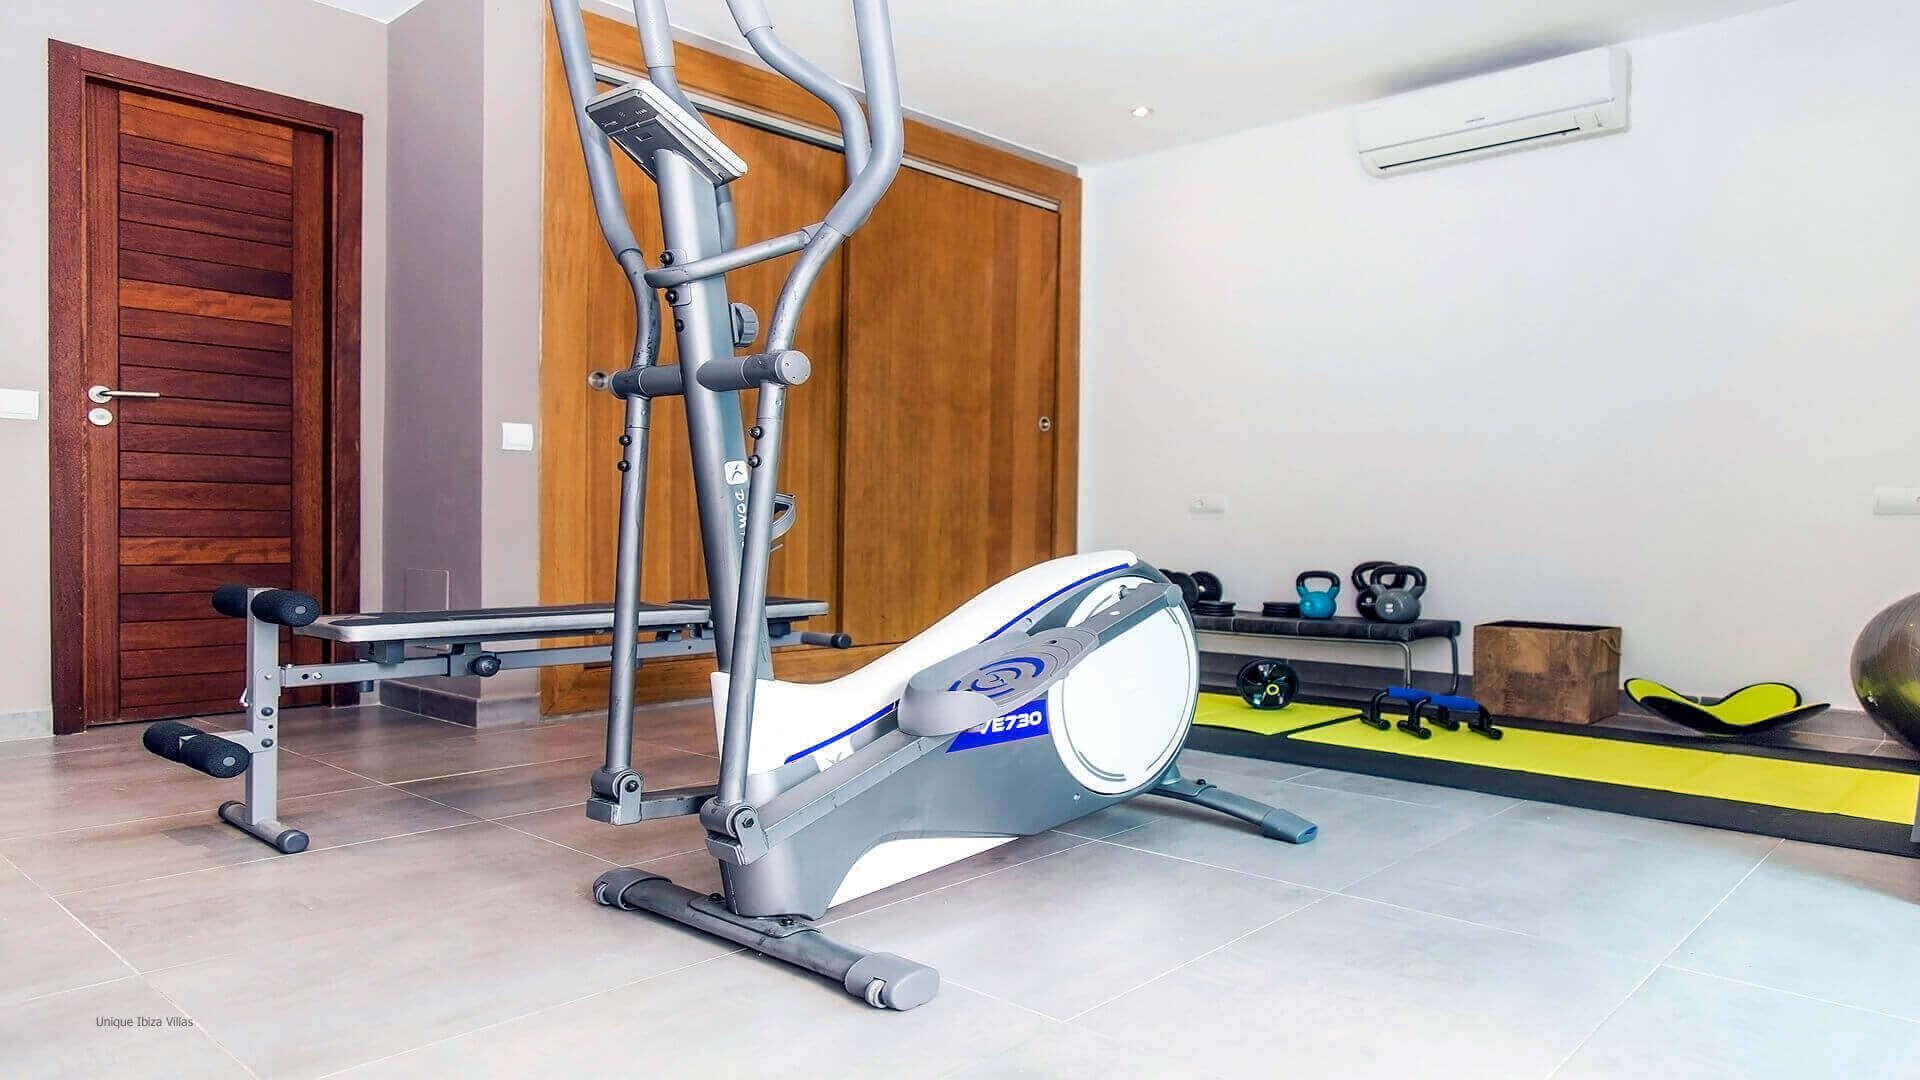 Casa India Ibiza 24 Gym